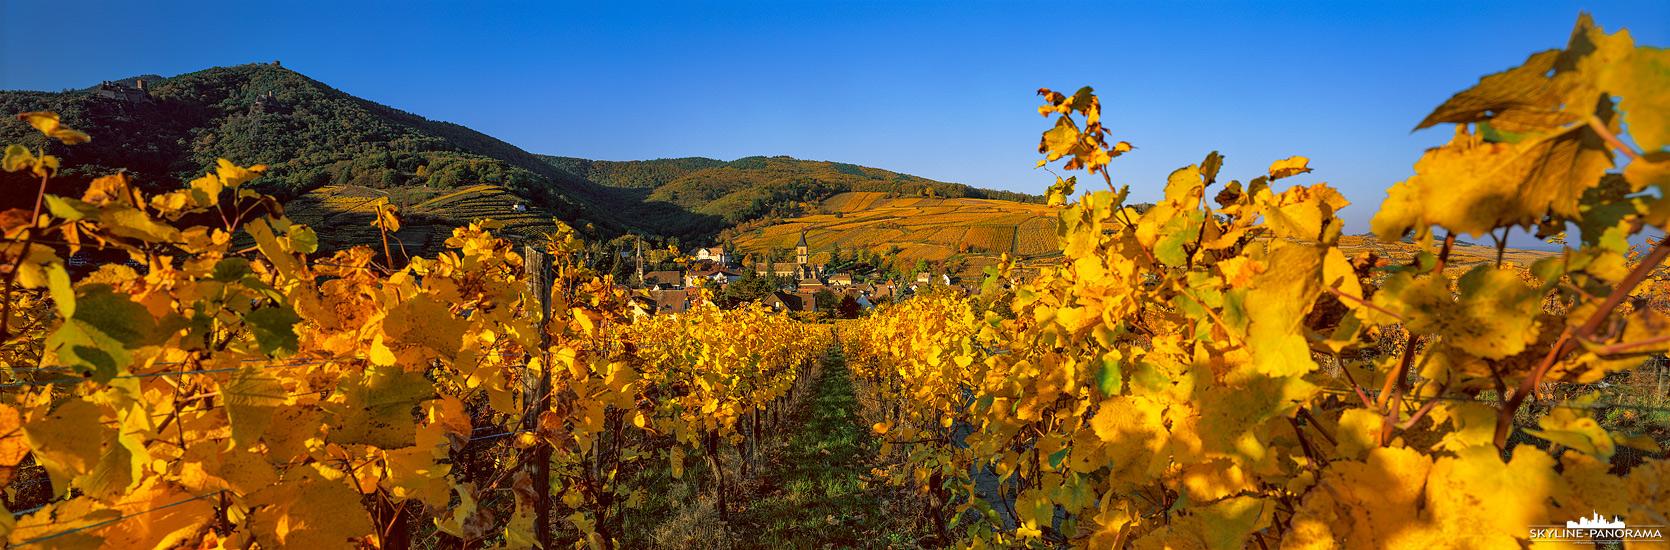 Die Landschaft Rund um Ribeauvillé ist geprägt durch den Weinanbau, in der Region gibt es augenscheinlich kaum einen Hang, an dem sich kein Weinberg befindet. Auf Wanderungen kann man einige von ihnen erkunden und den wunderbaren Blick in den malerischen Ort genießen.